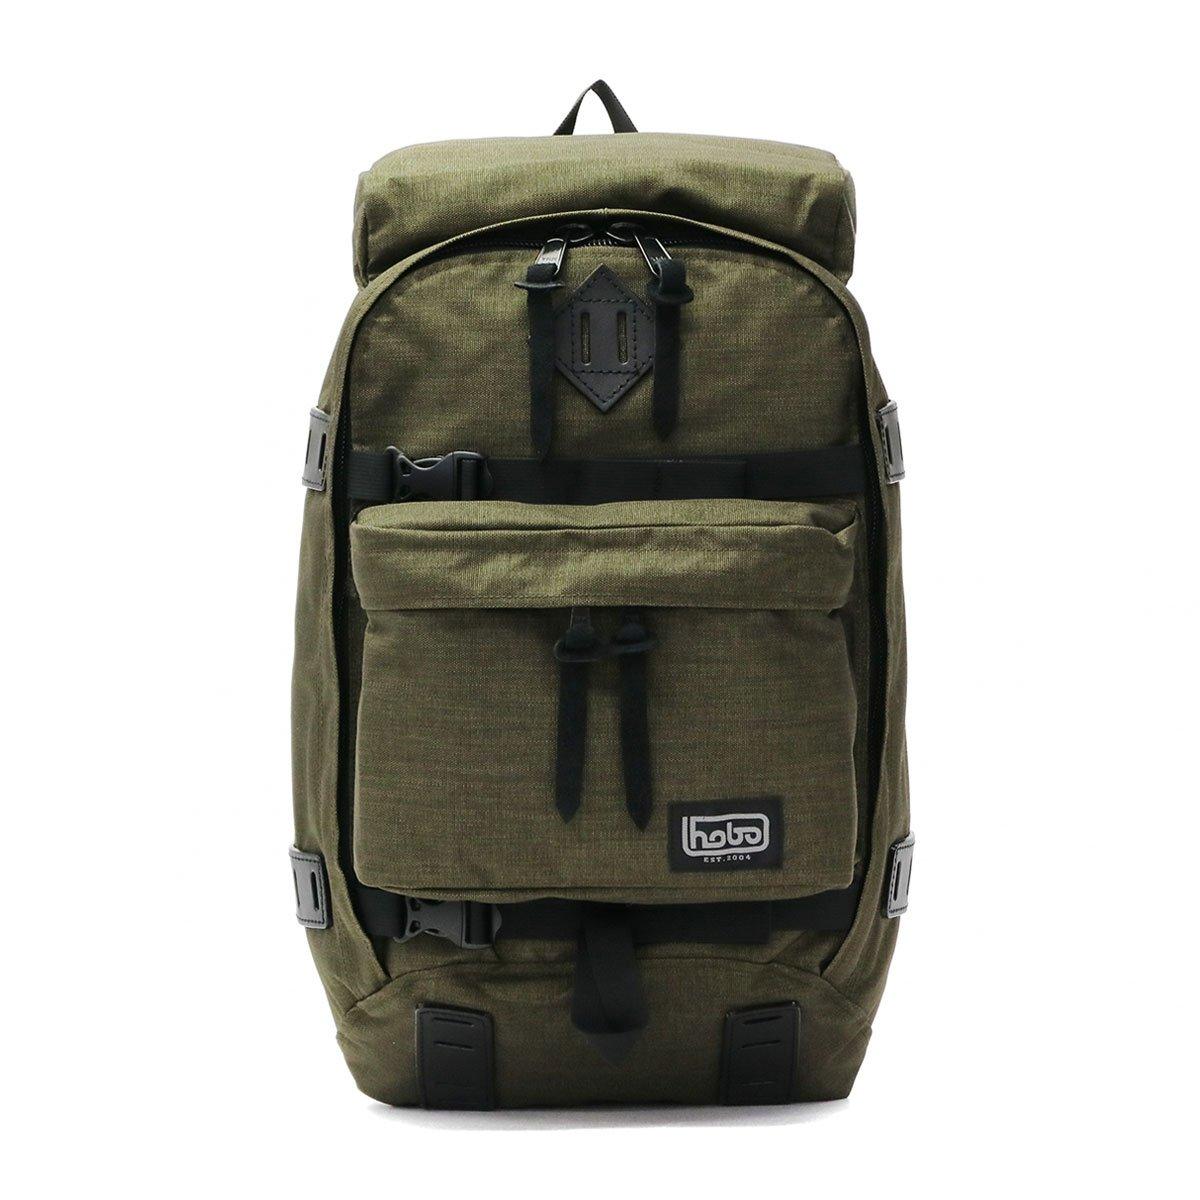 [ホーボー]hobo SIRDAR 31L Backpack バックパック HB-BG8004 B01MZFMC2W オリーブ(046)